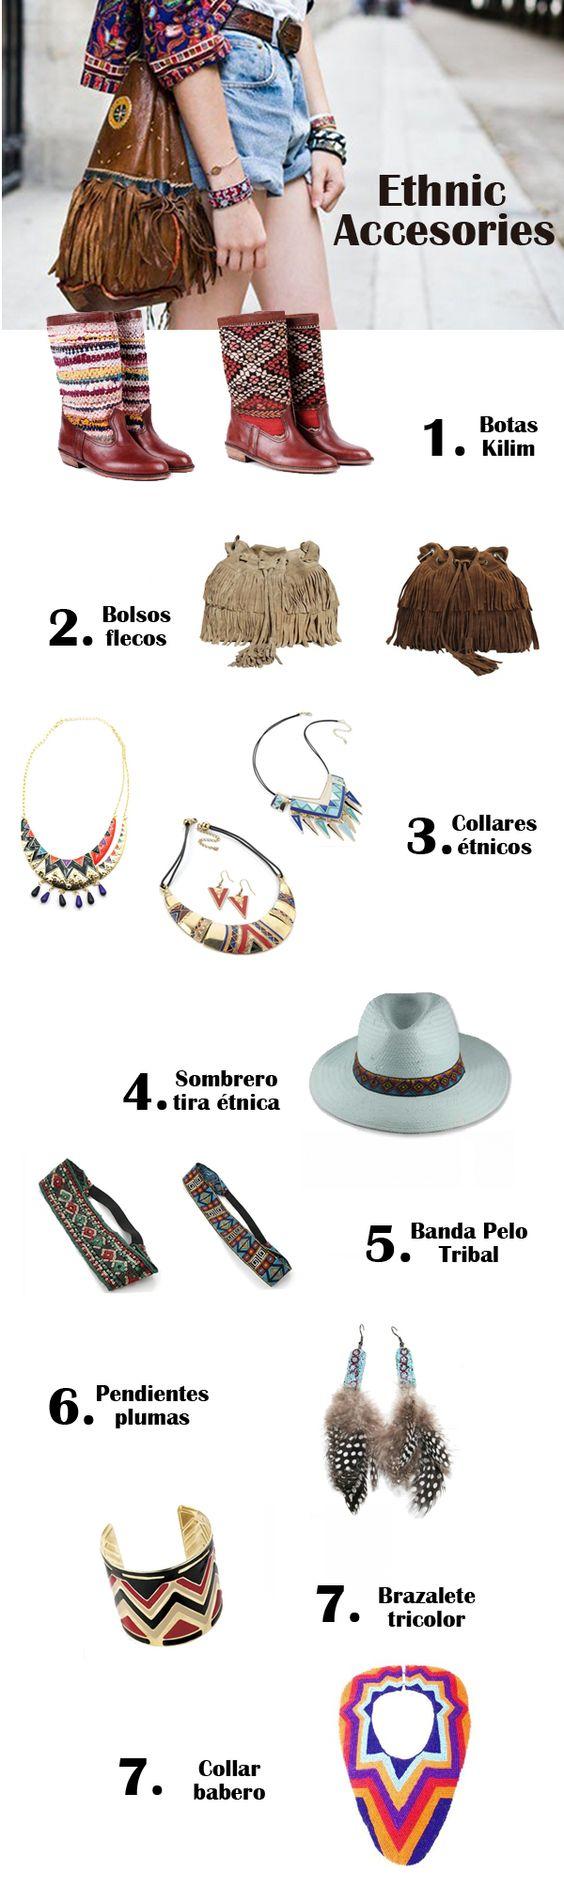 #ethnic #accesories